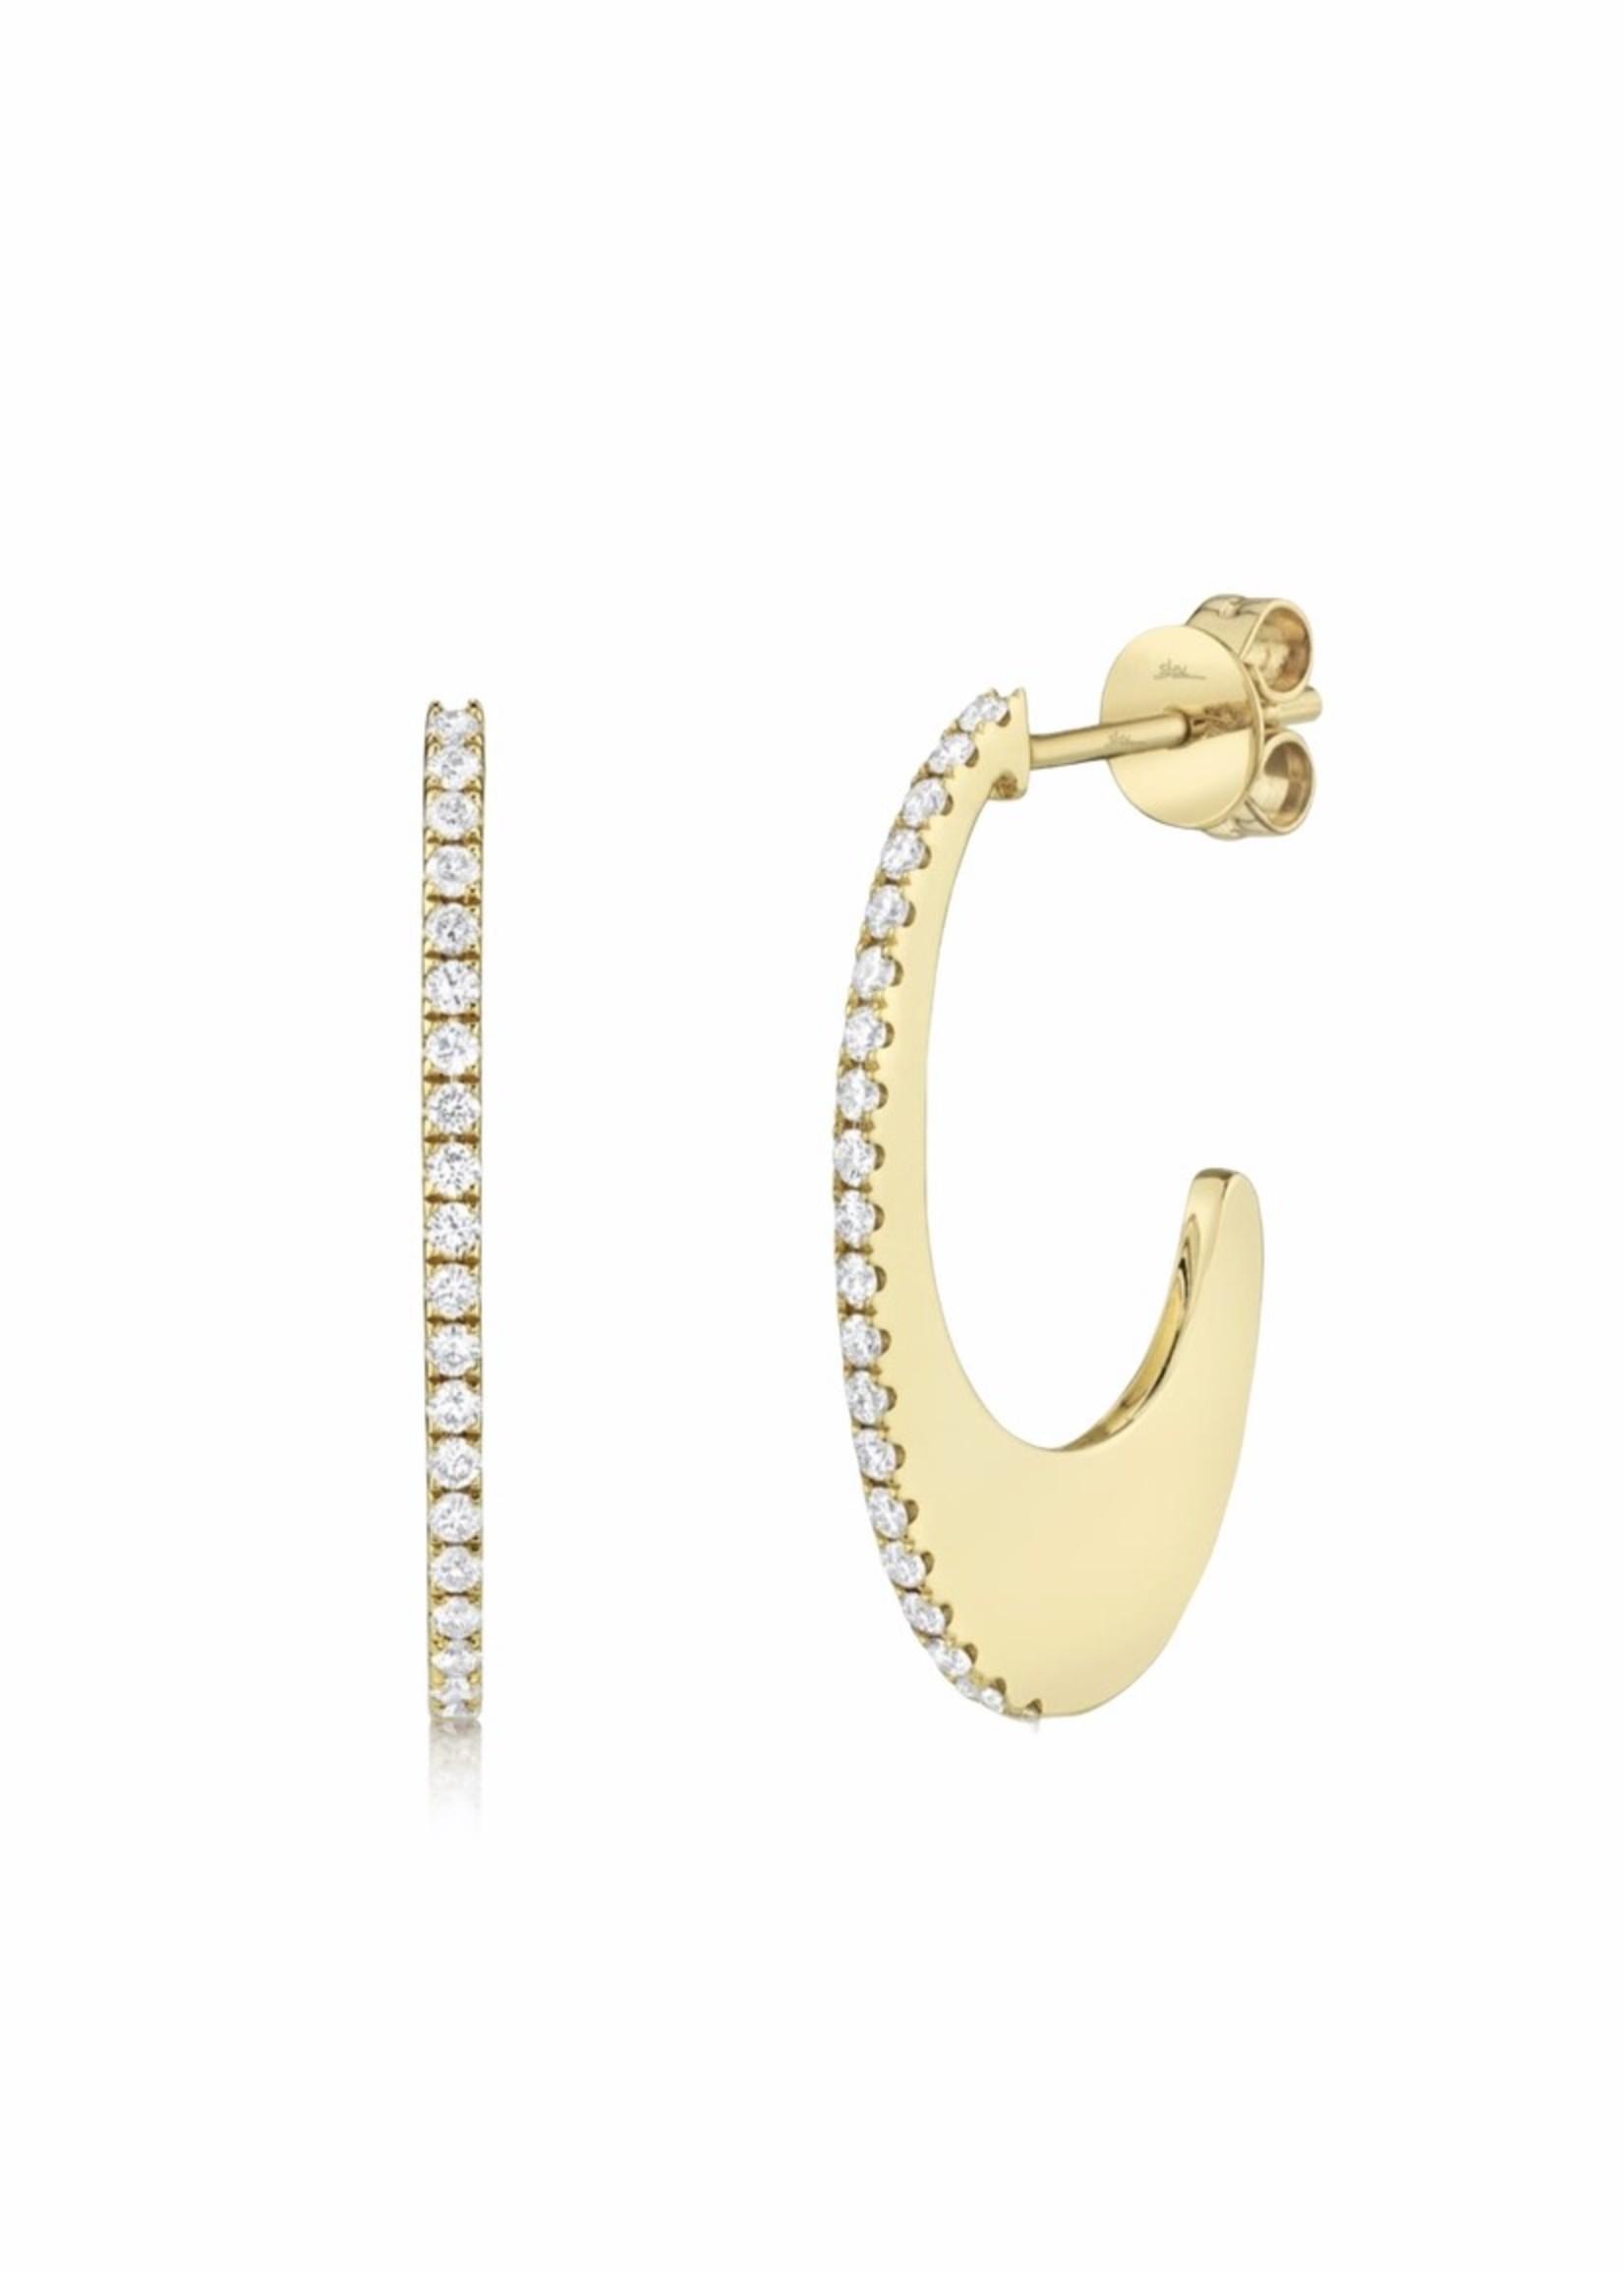 Jill Alberts Diamond Oval Hoop Earring